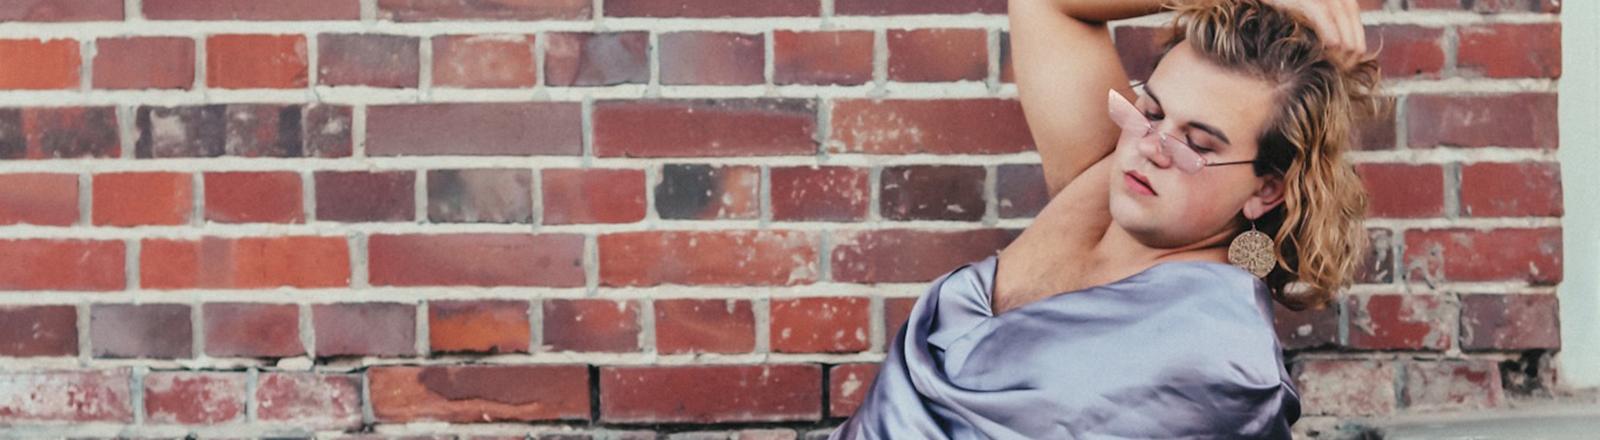 Eine Person sitzt in einem Kleid auf einer Treppe, lehnt sich zurück und fasst sich in die Haare.